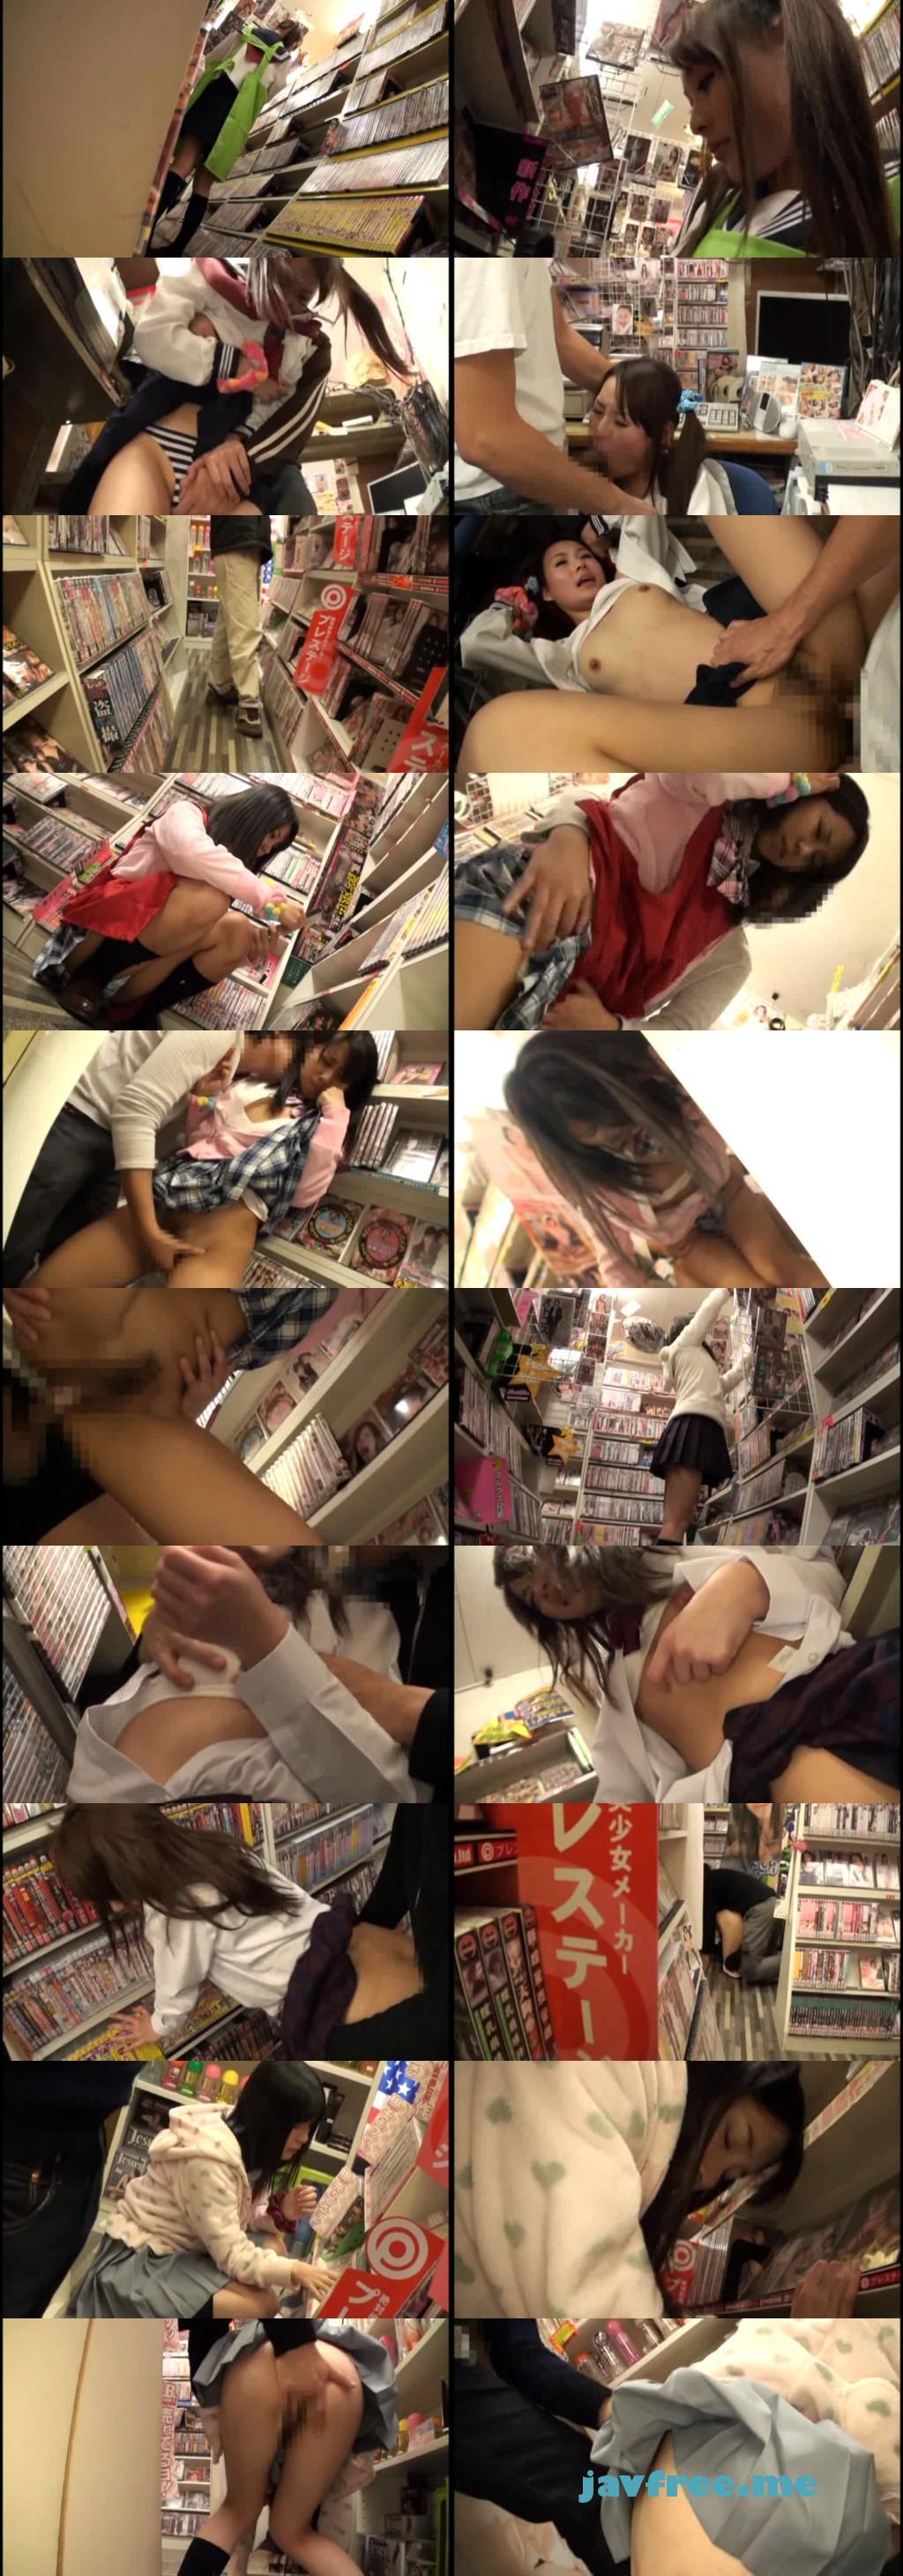 [AT 110] パパに頼まれて店番してたら…ビデオショップ痴漢ウブ濡れ中出し AT